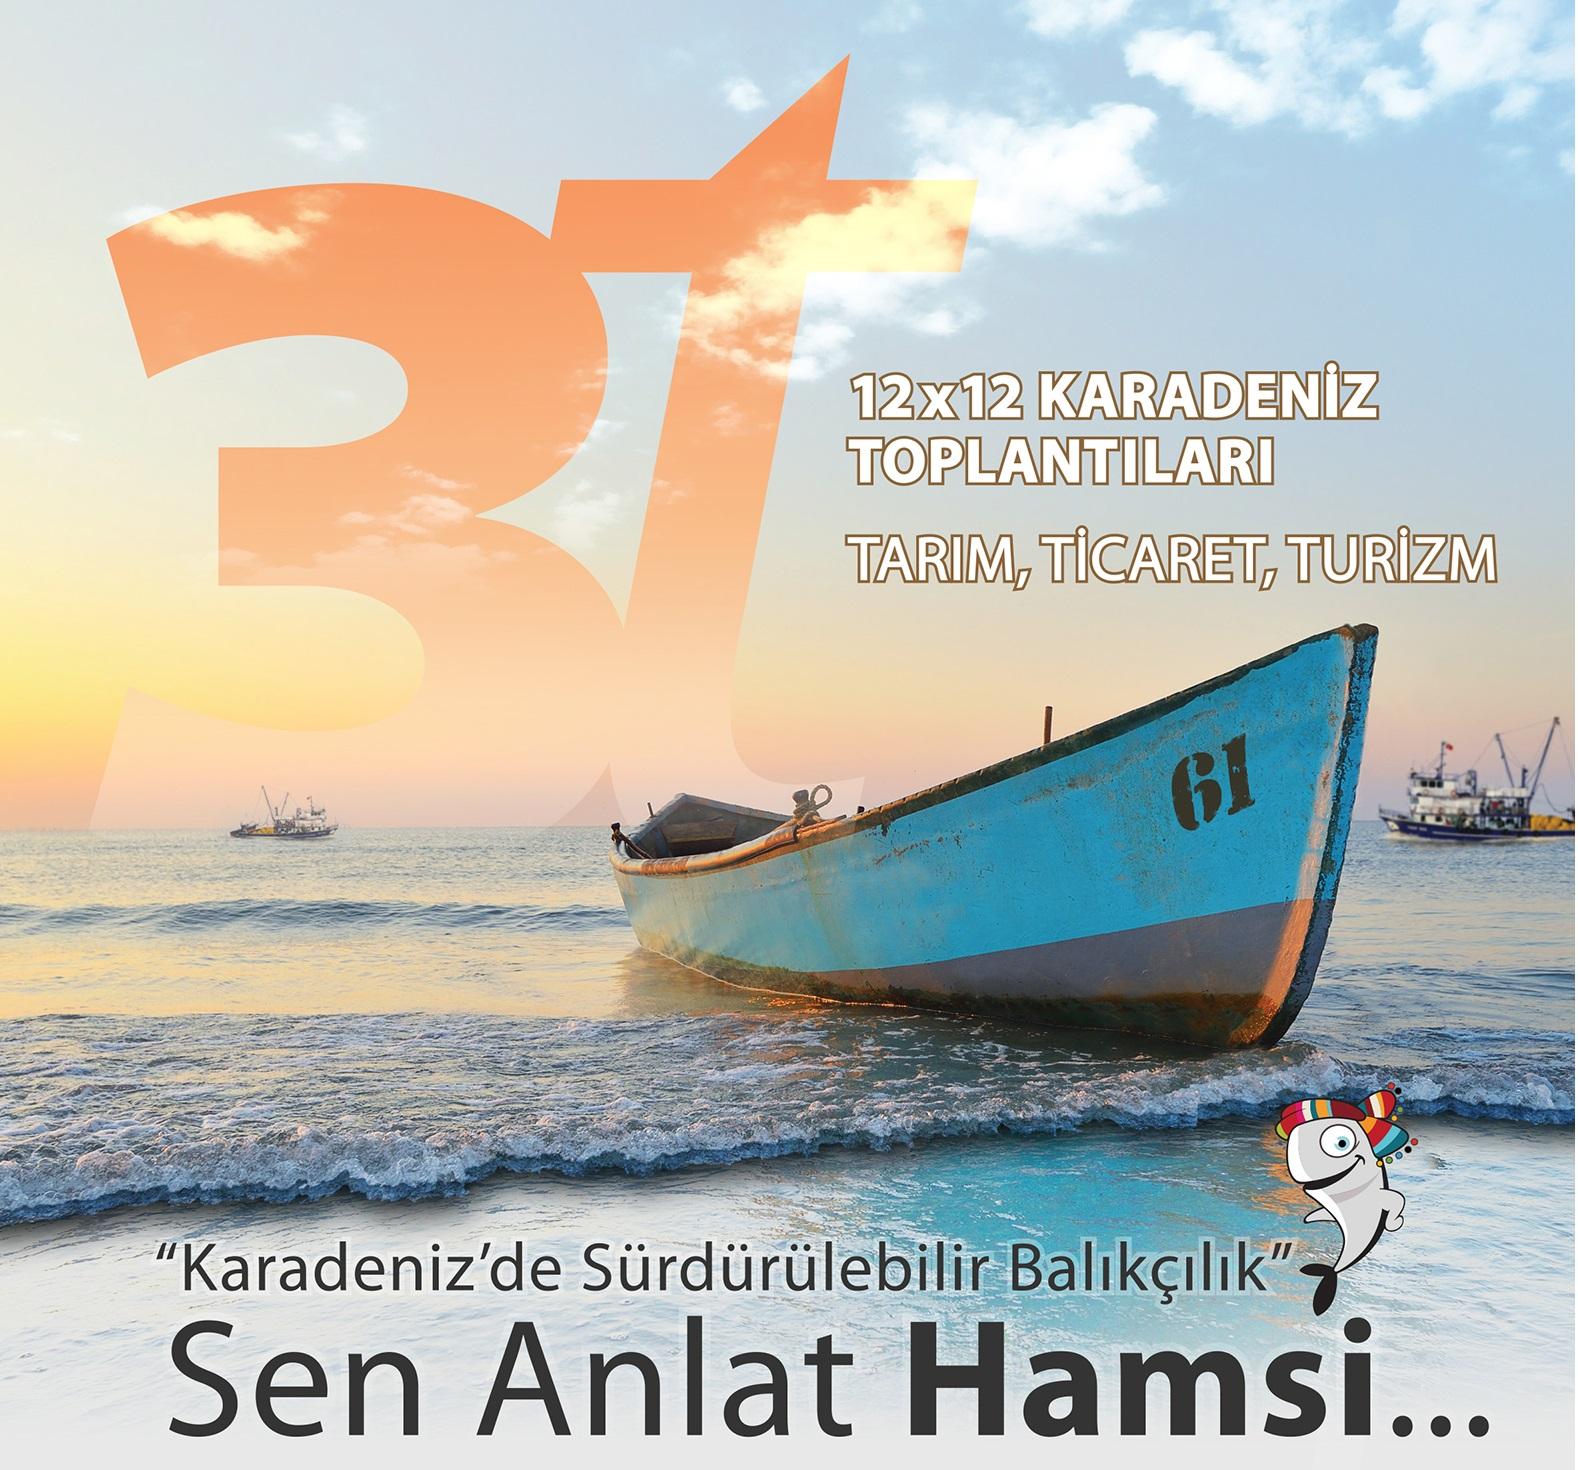 Karadeniz'de Sürdürülebilir Balıkçılık